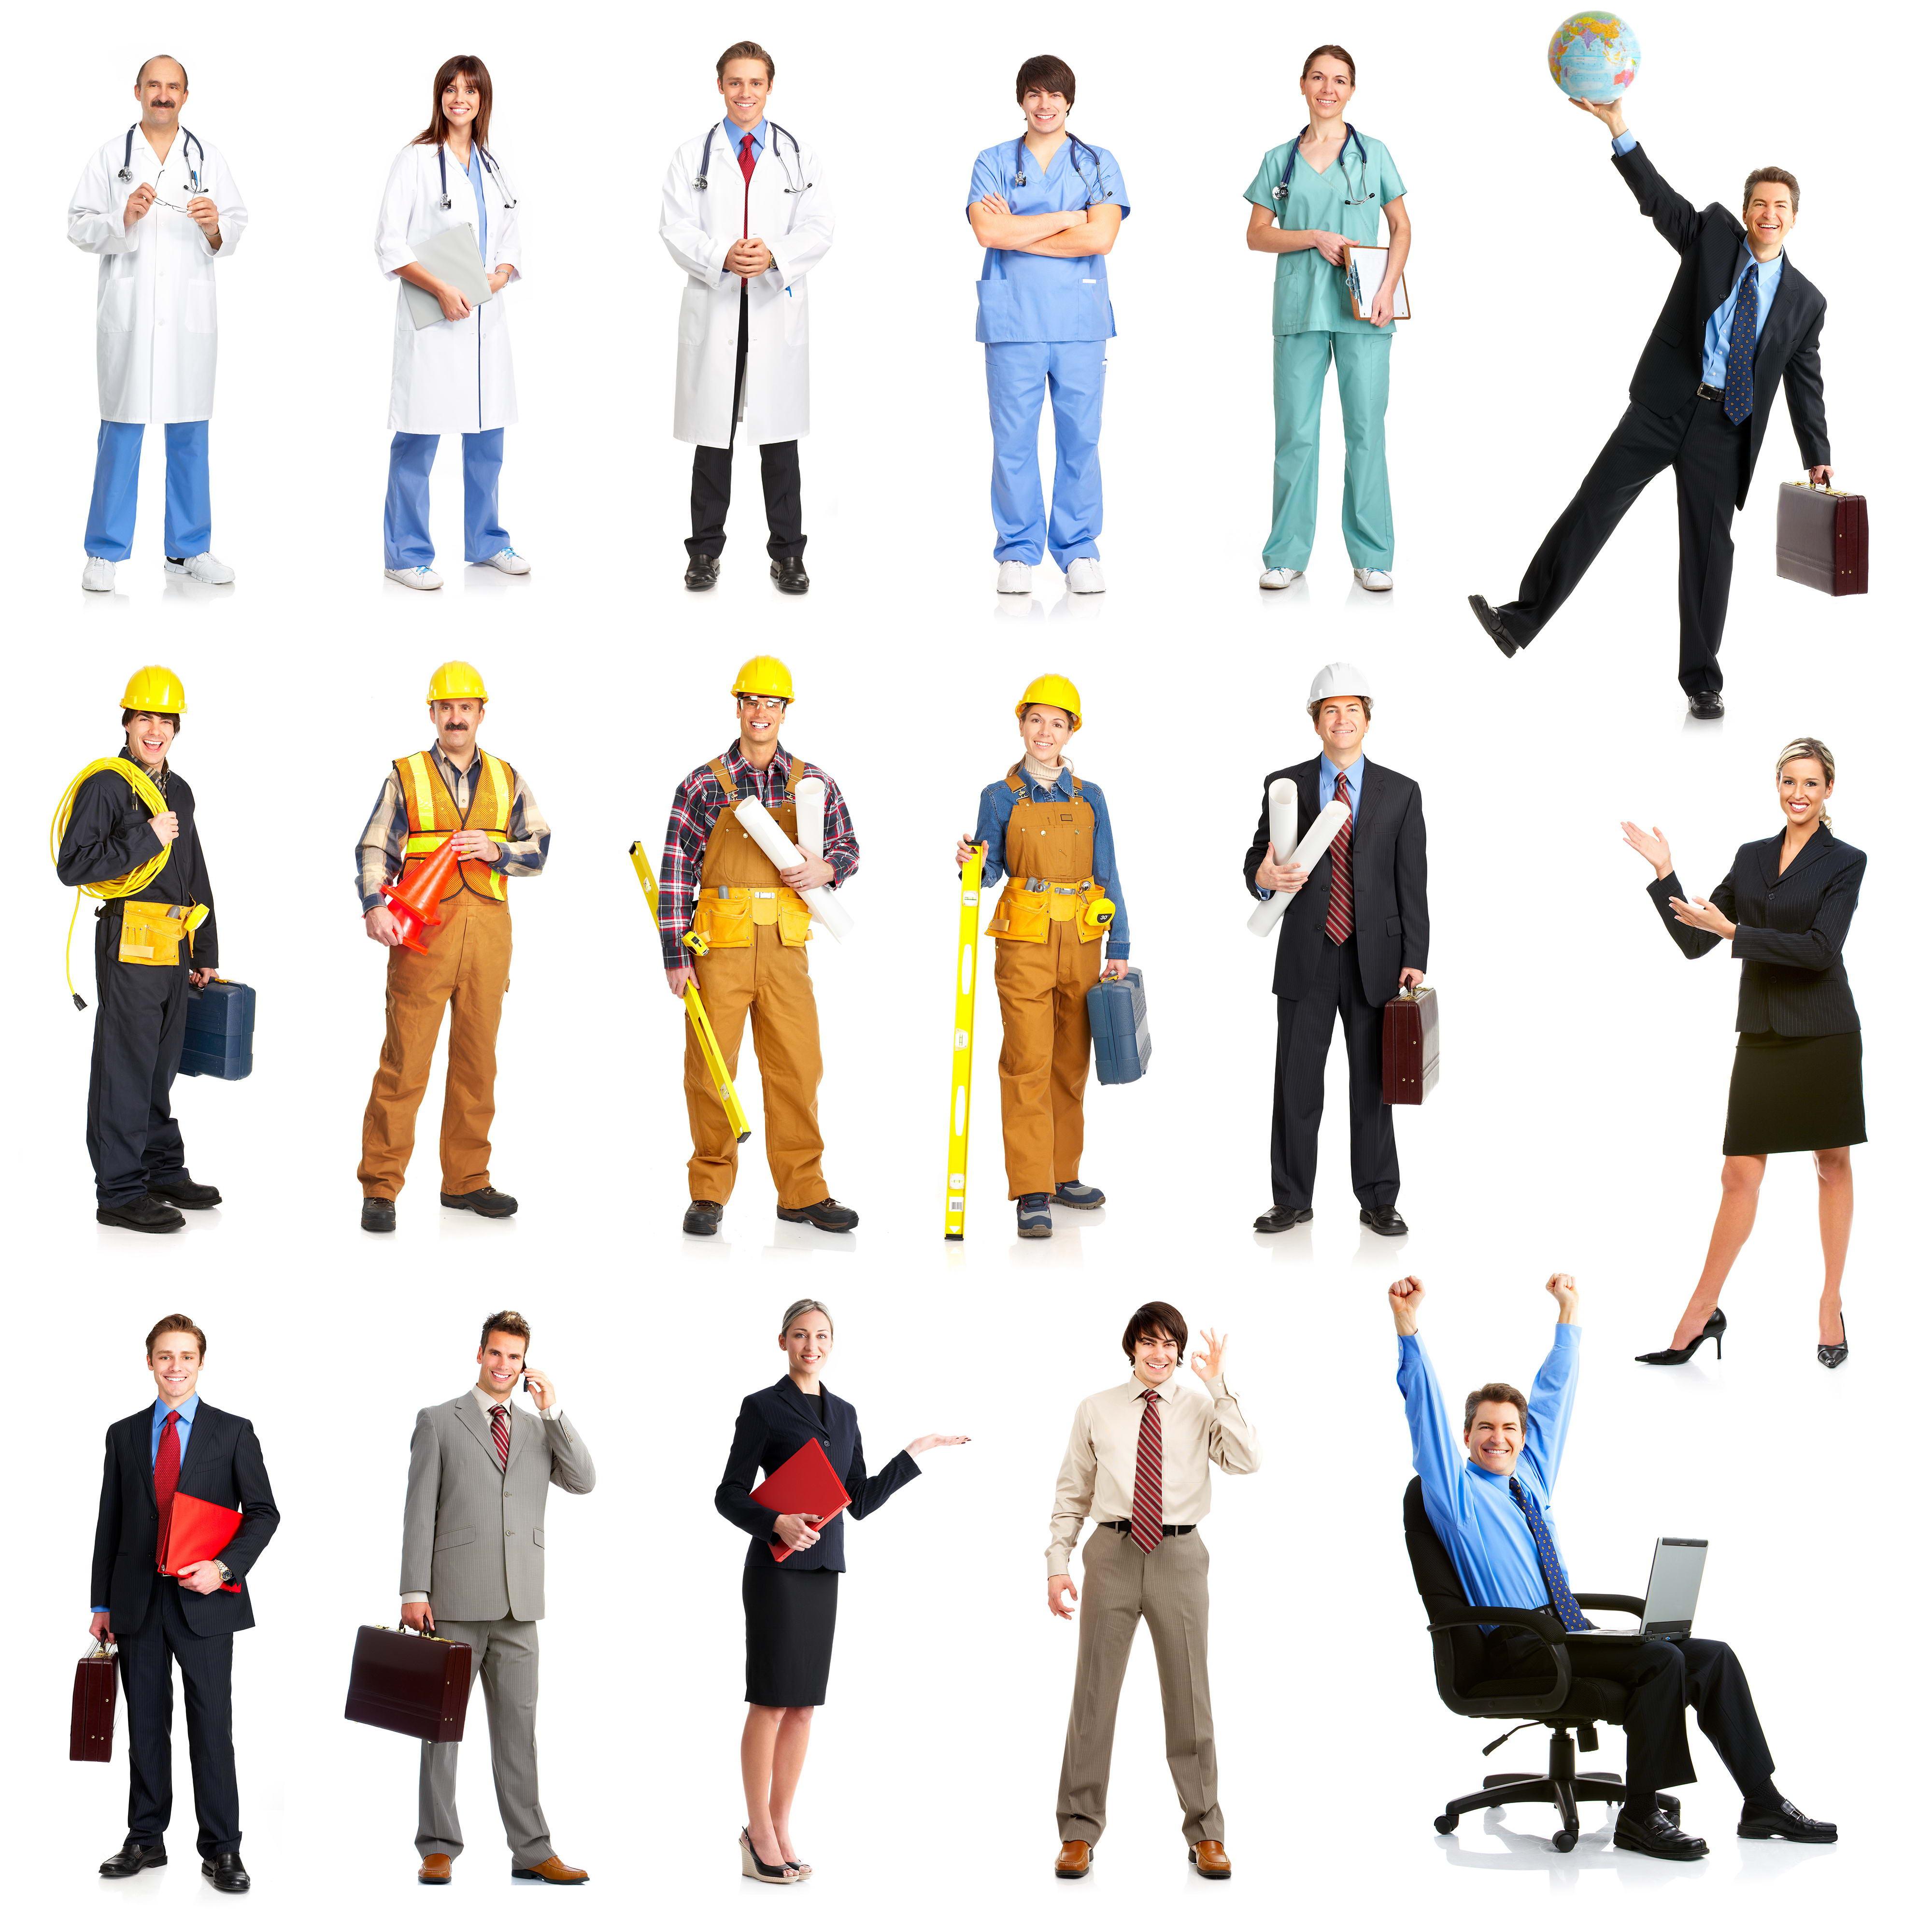 люди разных профессий, клипарт, фото, строители, каски скачать